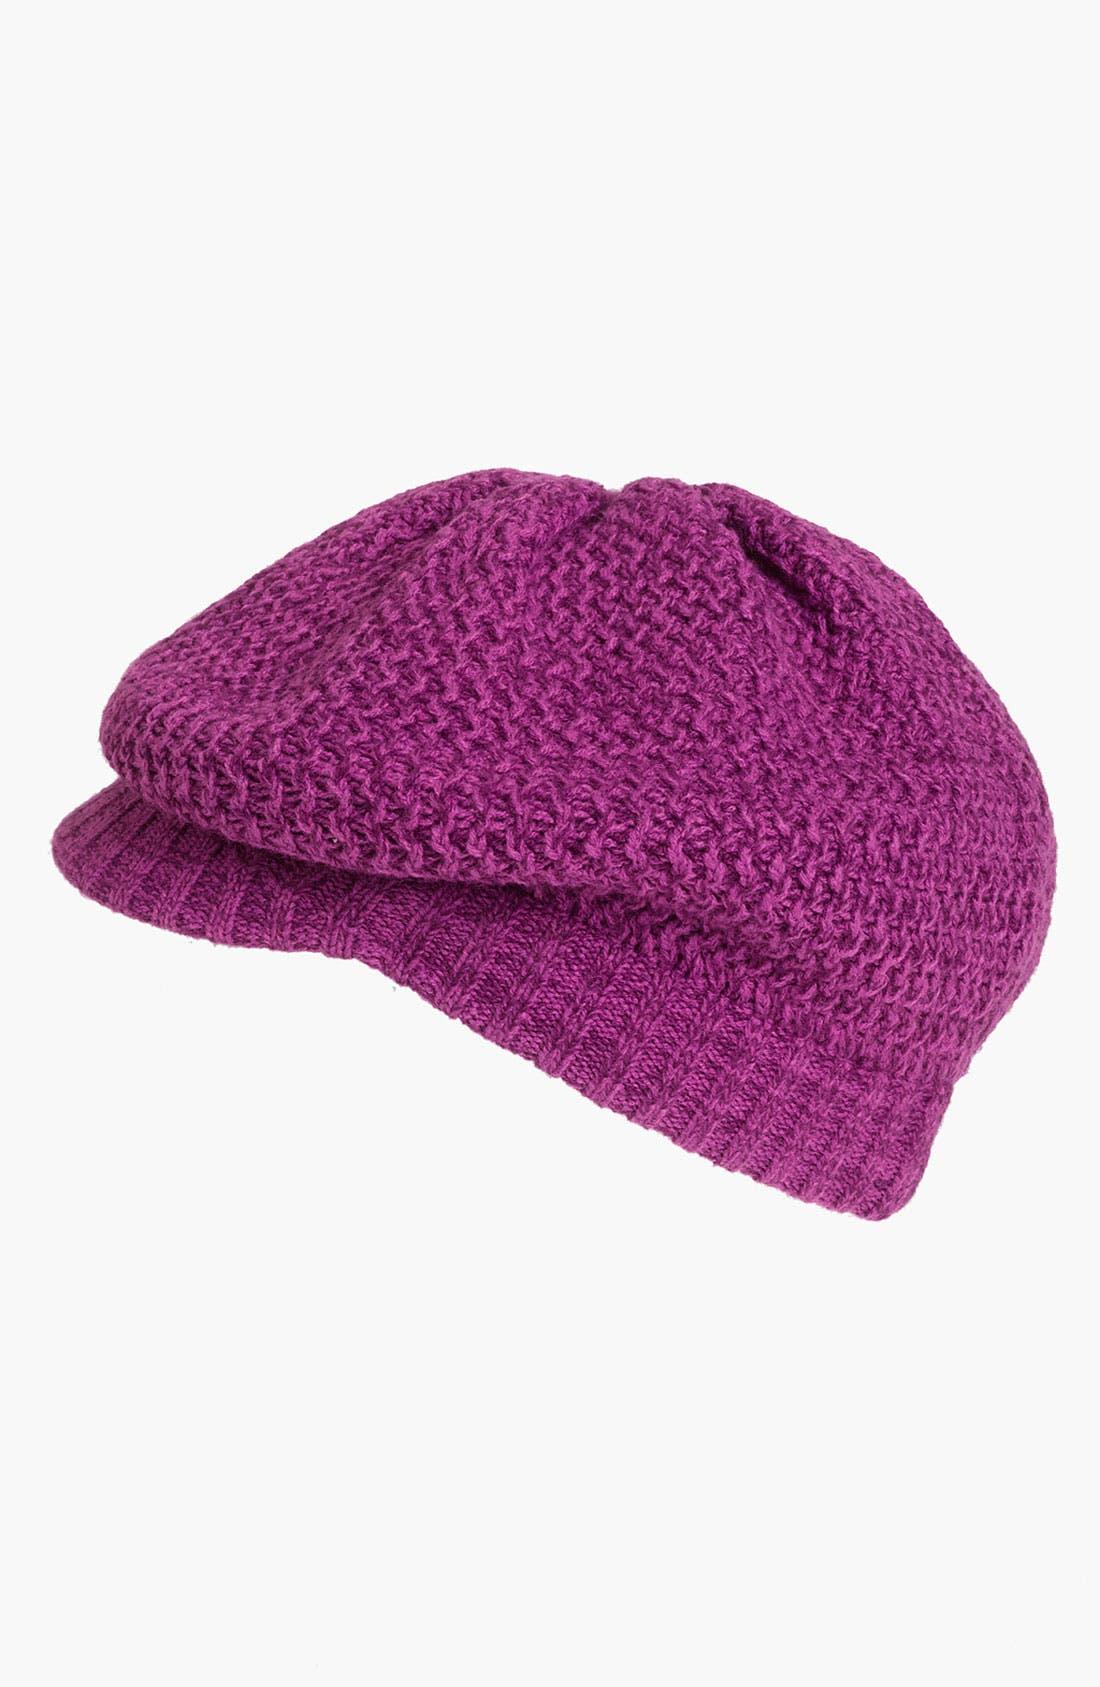 Alternate Image 1 Selected - Echo Marled Stitch Newsboy Hat